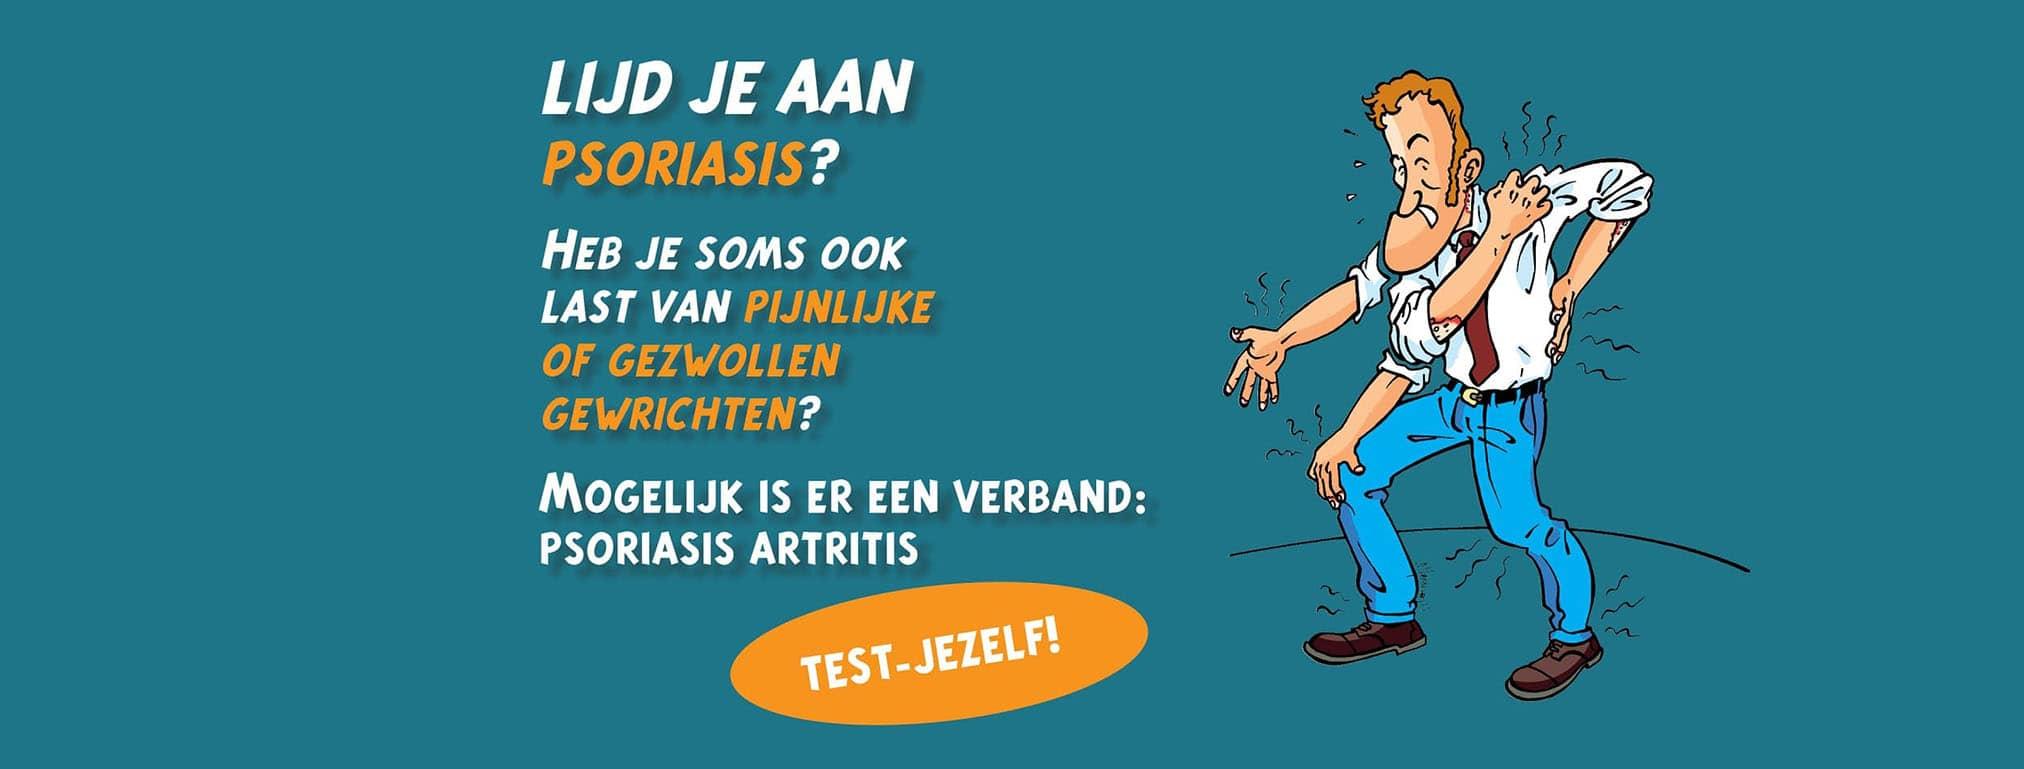 Lijd je aan psoriasis?